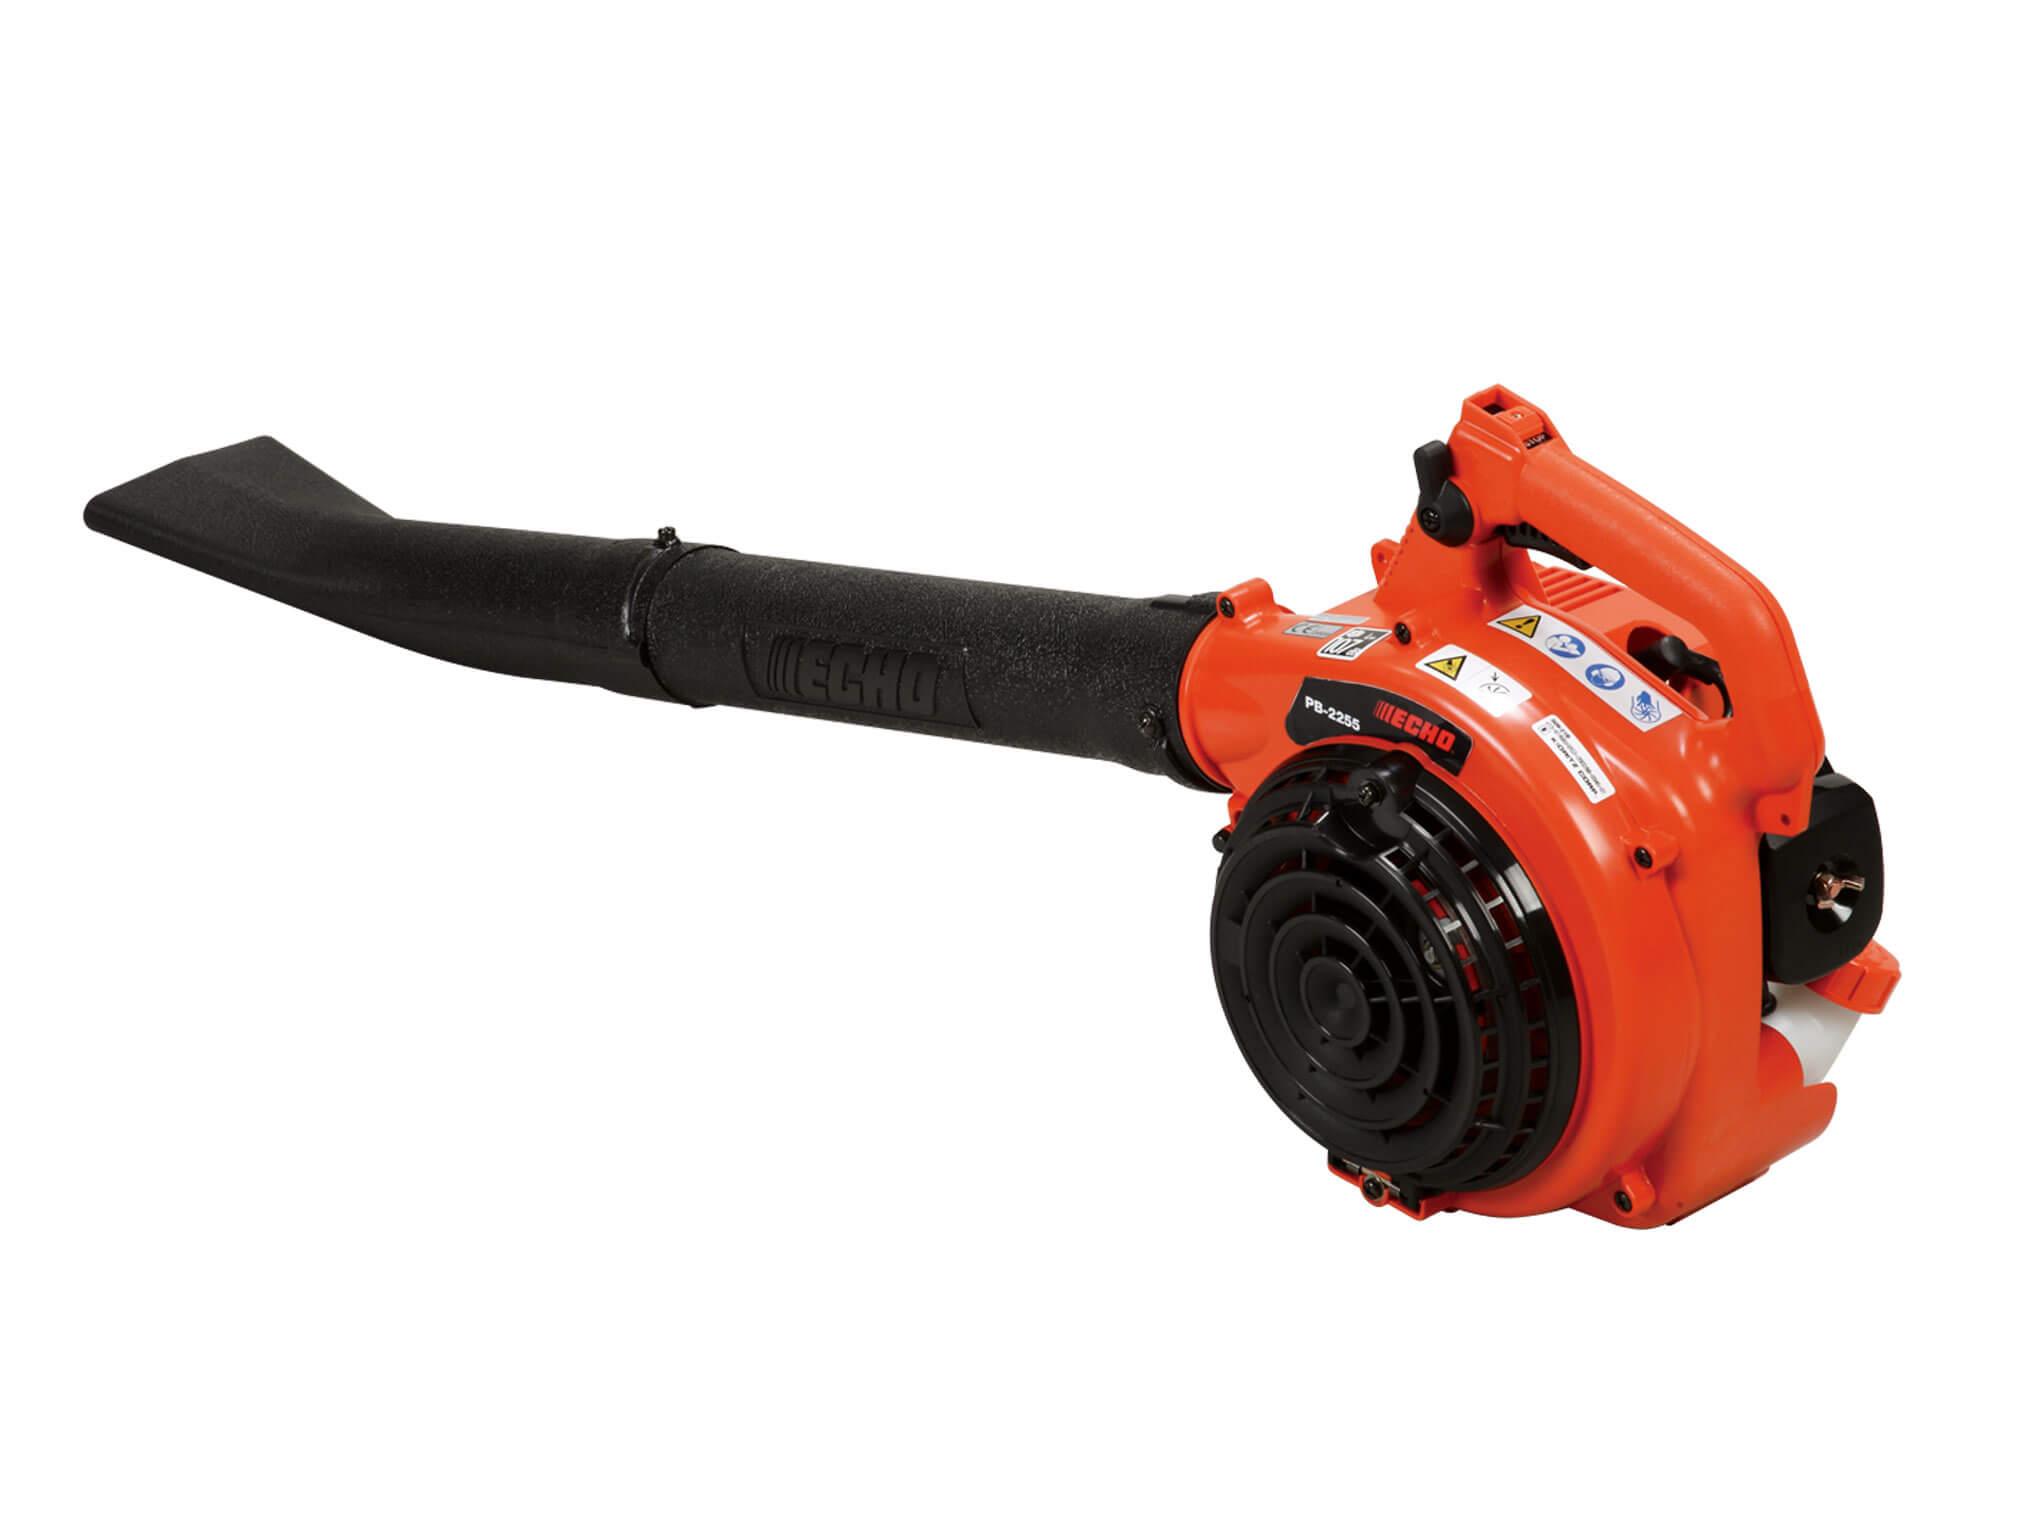 Воздуходувка ECHO PB-2155 бензиновая